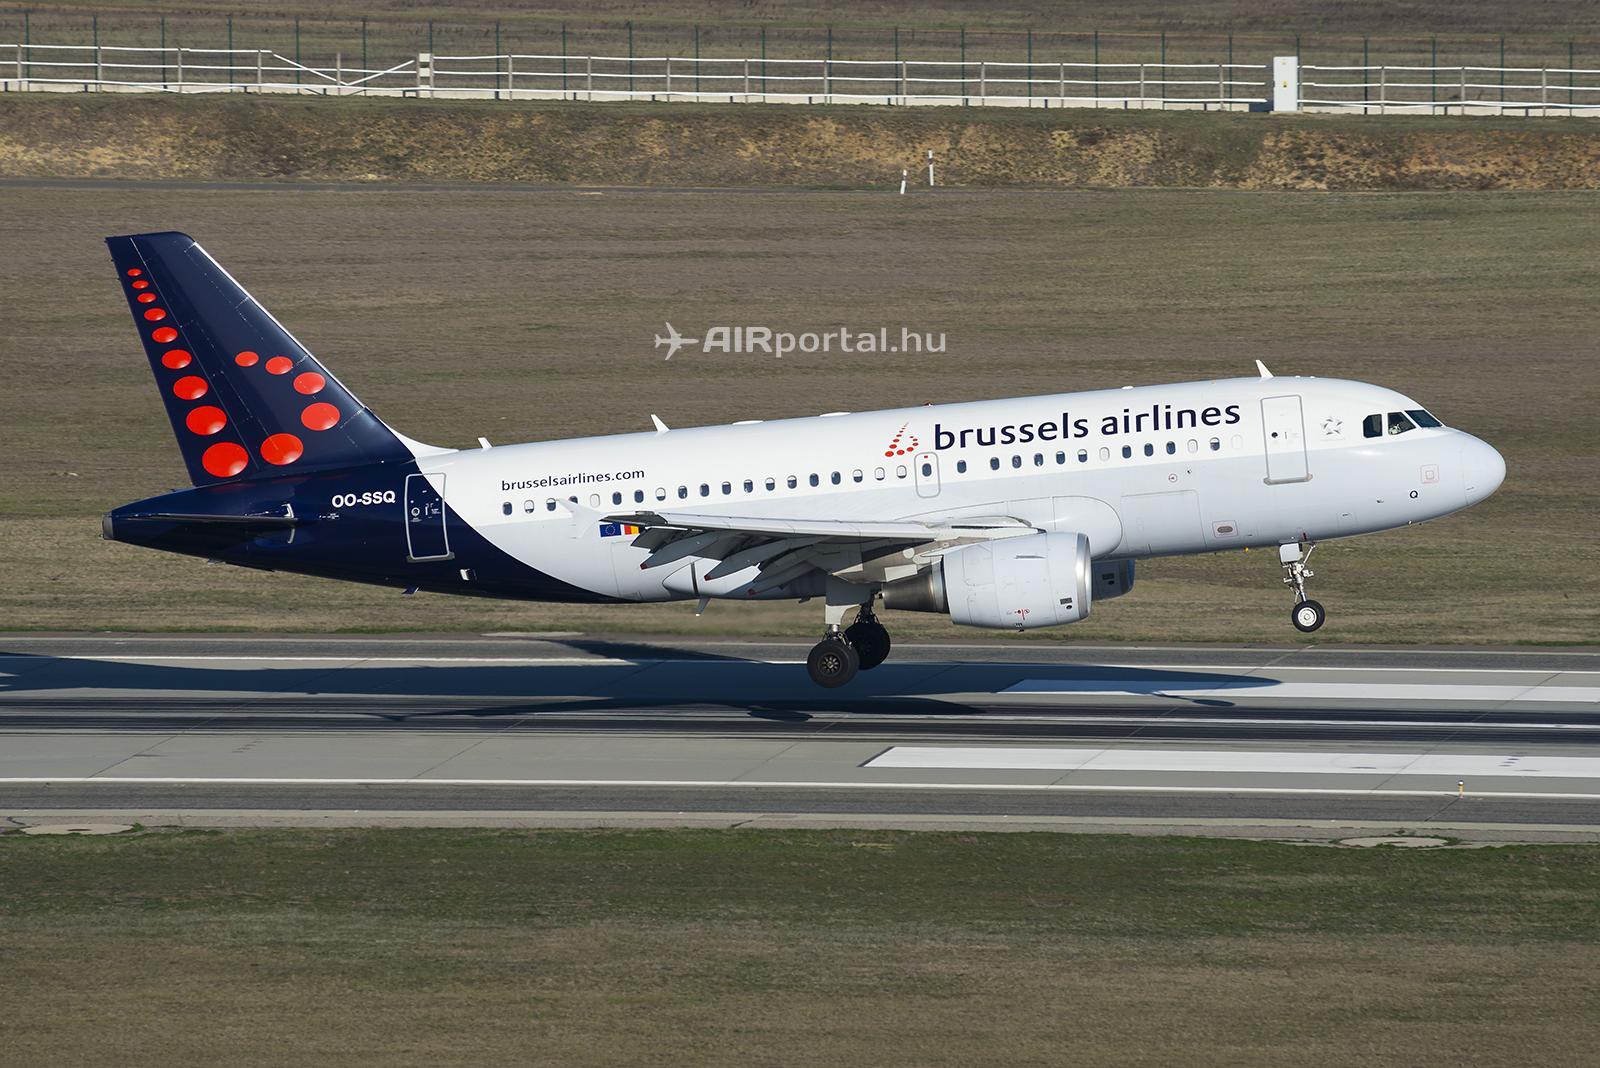 A légitársaság repülőgépei napi rendszerességgel megfordulnak Budapesten és Bécsben is. (Fotó: Bodorics Tamás - AIRportal.hu)   © AIRportal.hu